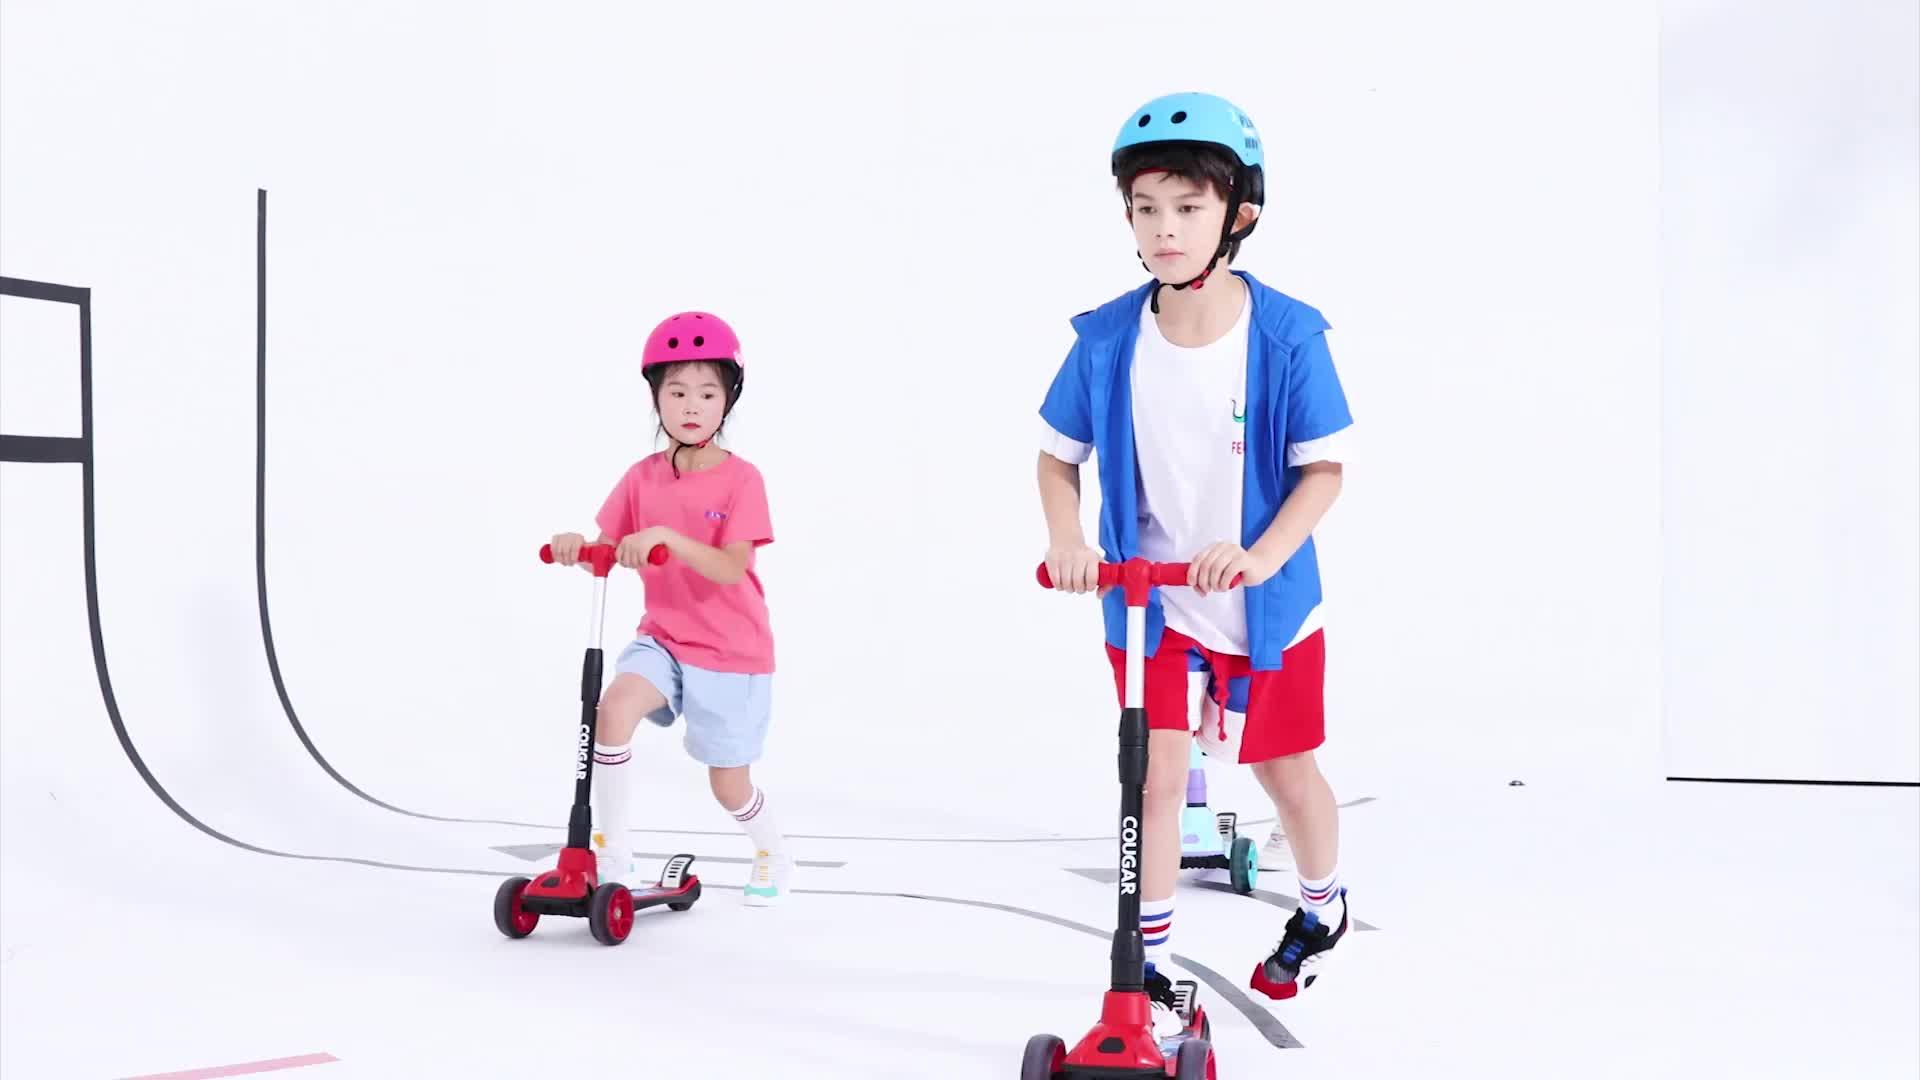 Nieuwe ontwerp kinderen gebruik scooter Guangzhou fabriek gemaakt kids kick scooter met seat